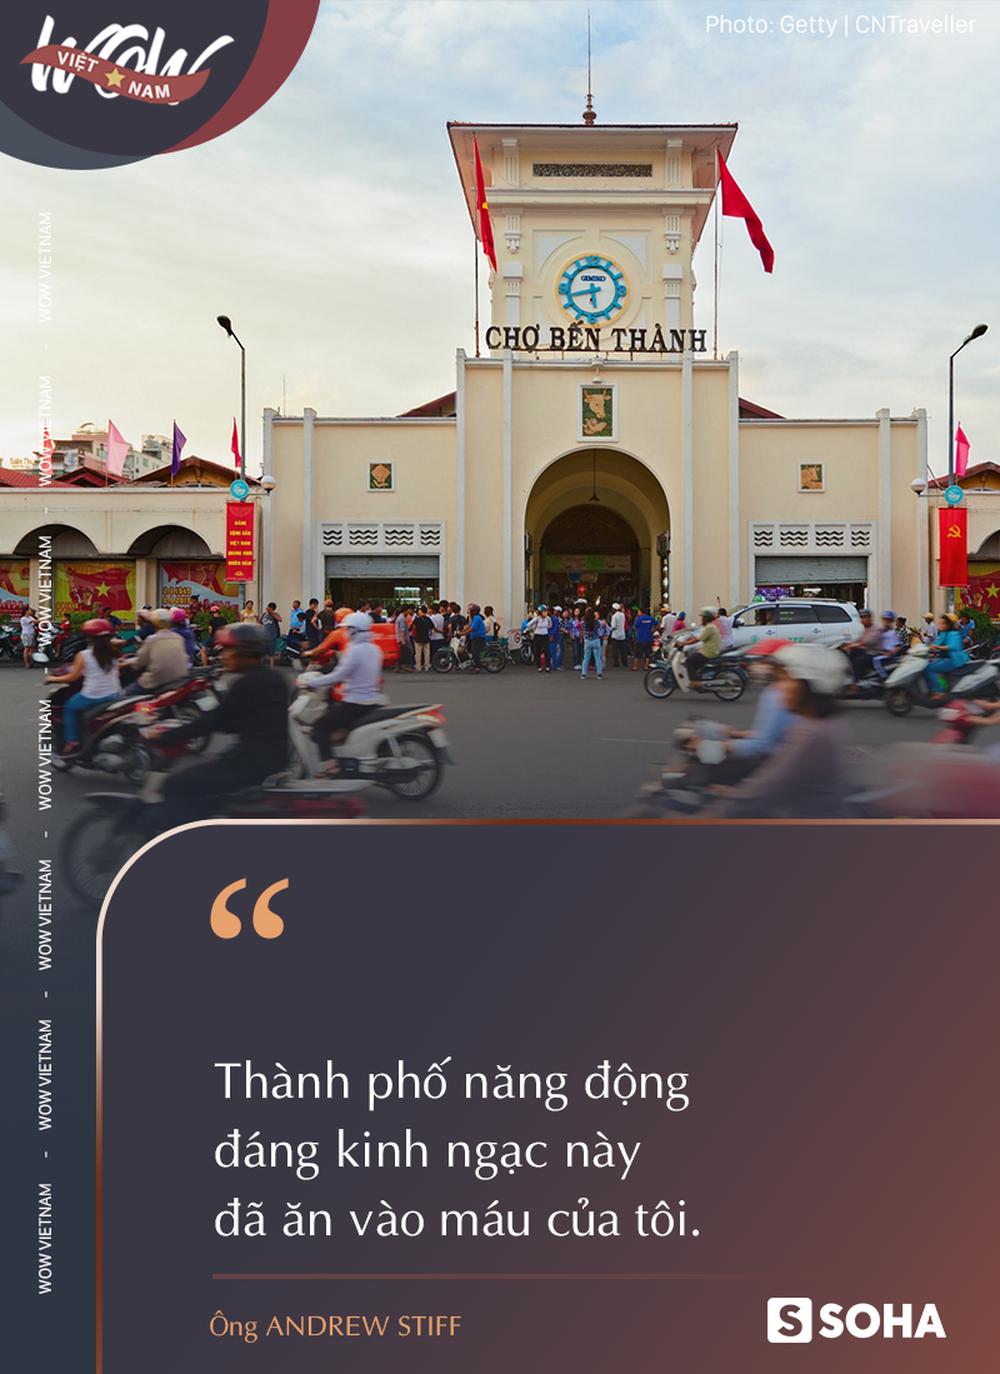 Khi mở cửa trở lại, mùi vị của cuộc sống Sài Gòn thậm chí sẽ còn đặc biệt hơn nữa - Ảnh 3.